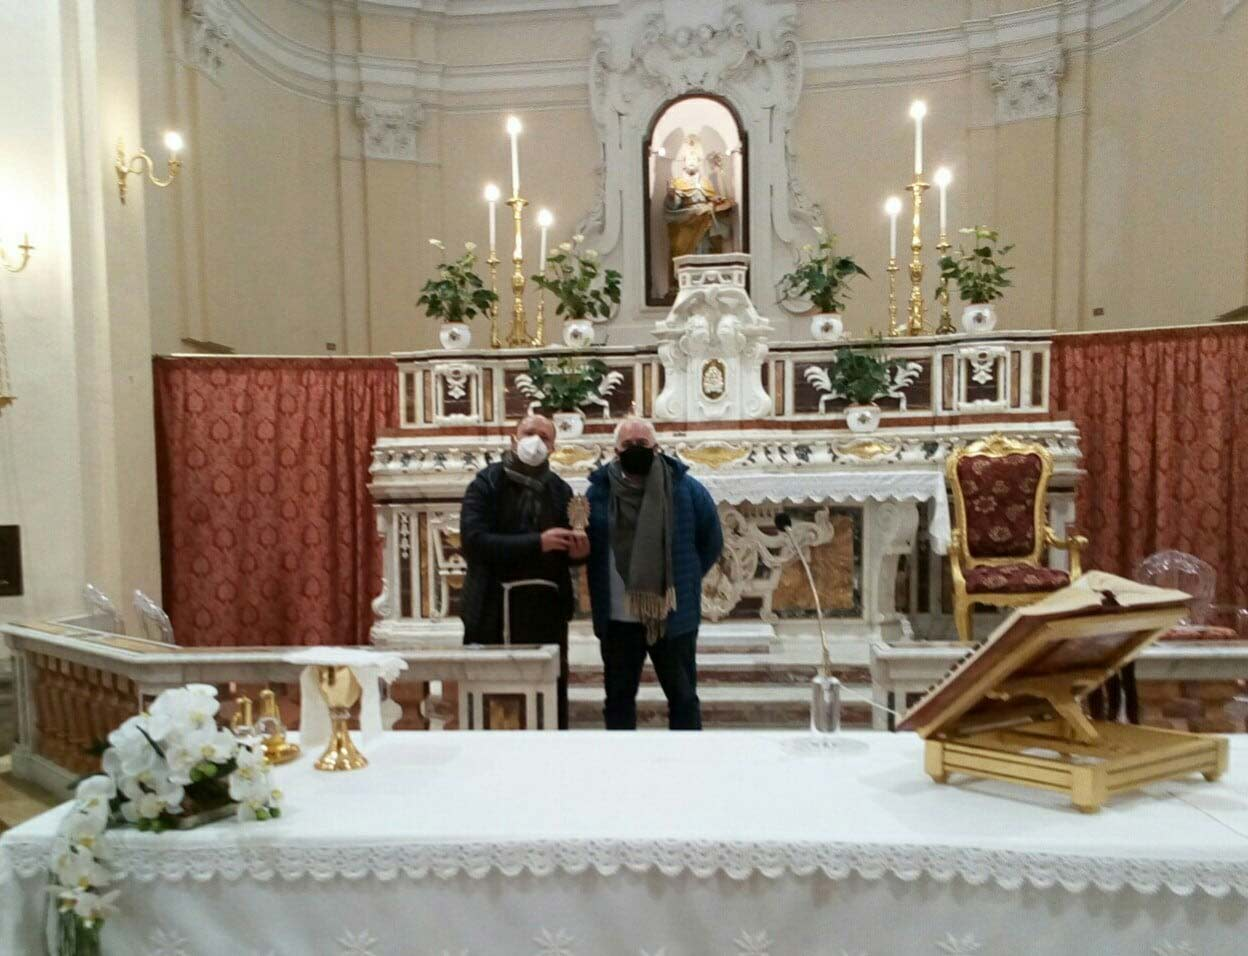 Itm-37-D6-Iglesia-2-Gesualdo